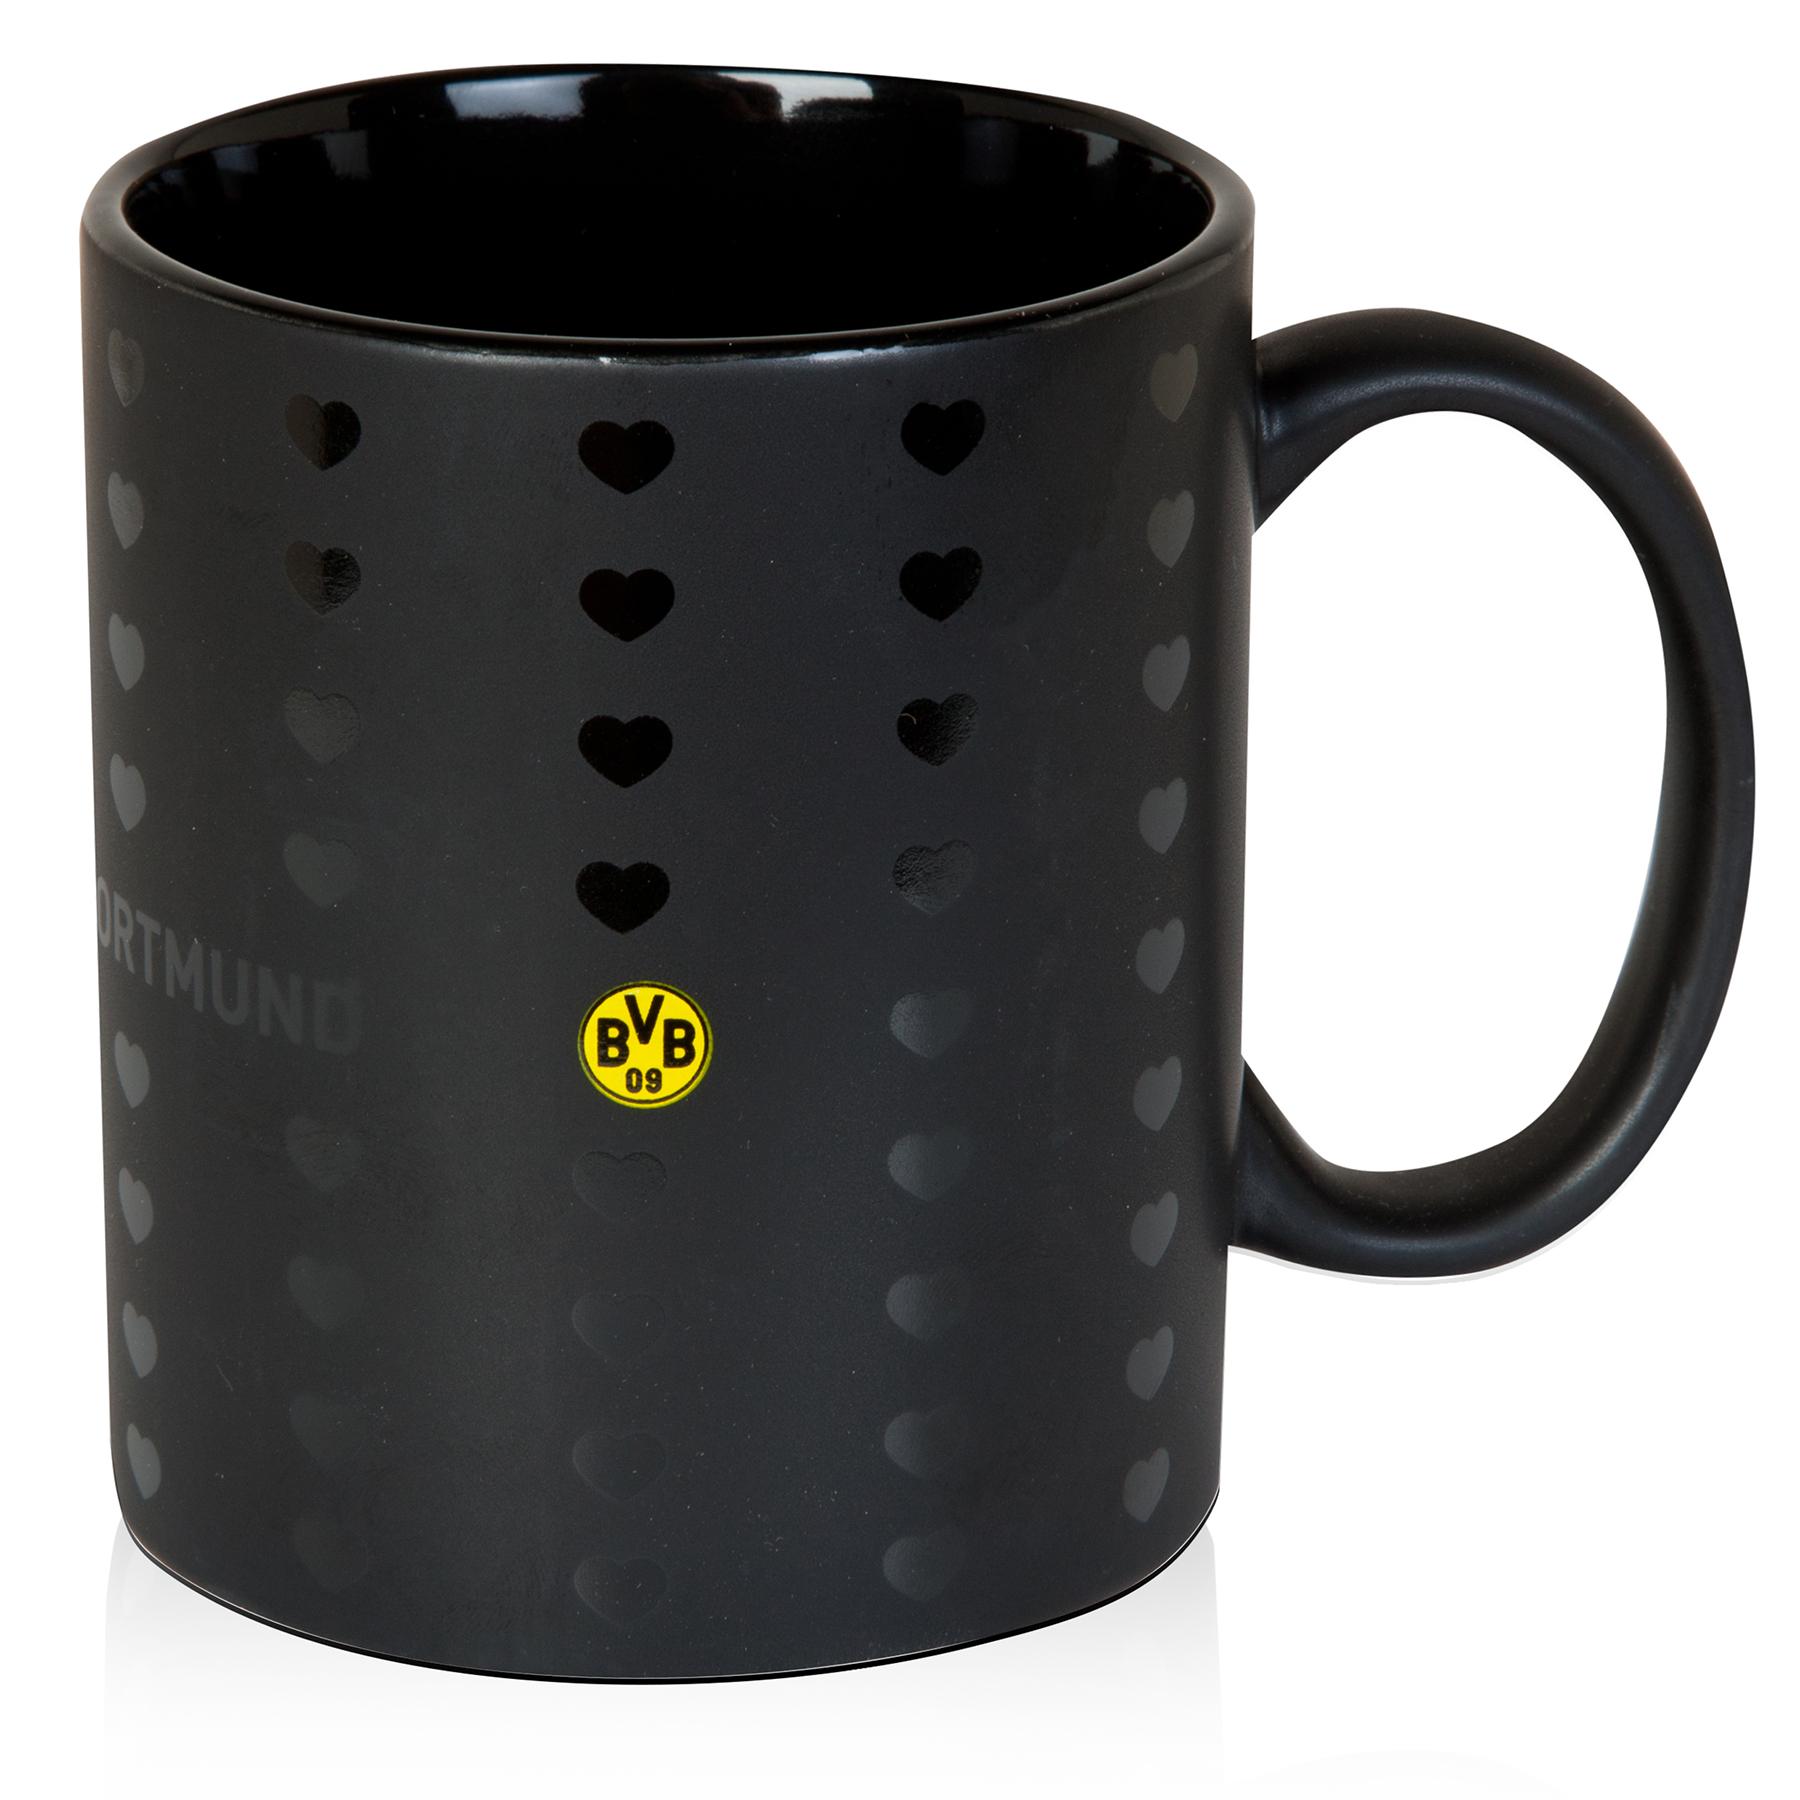 Image of BVB Heart Mug Black